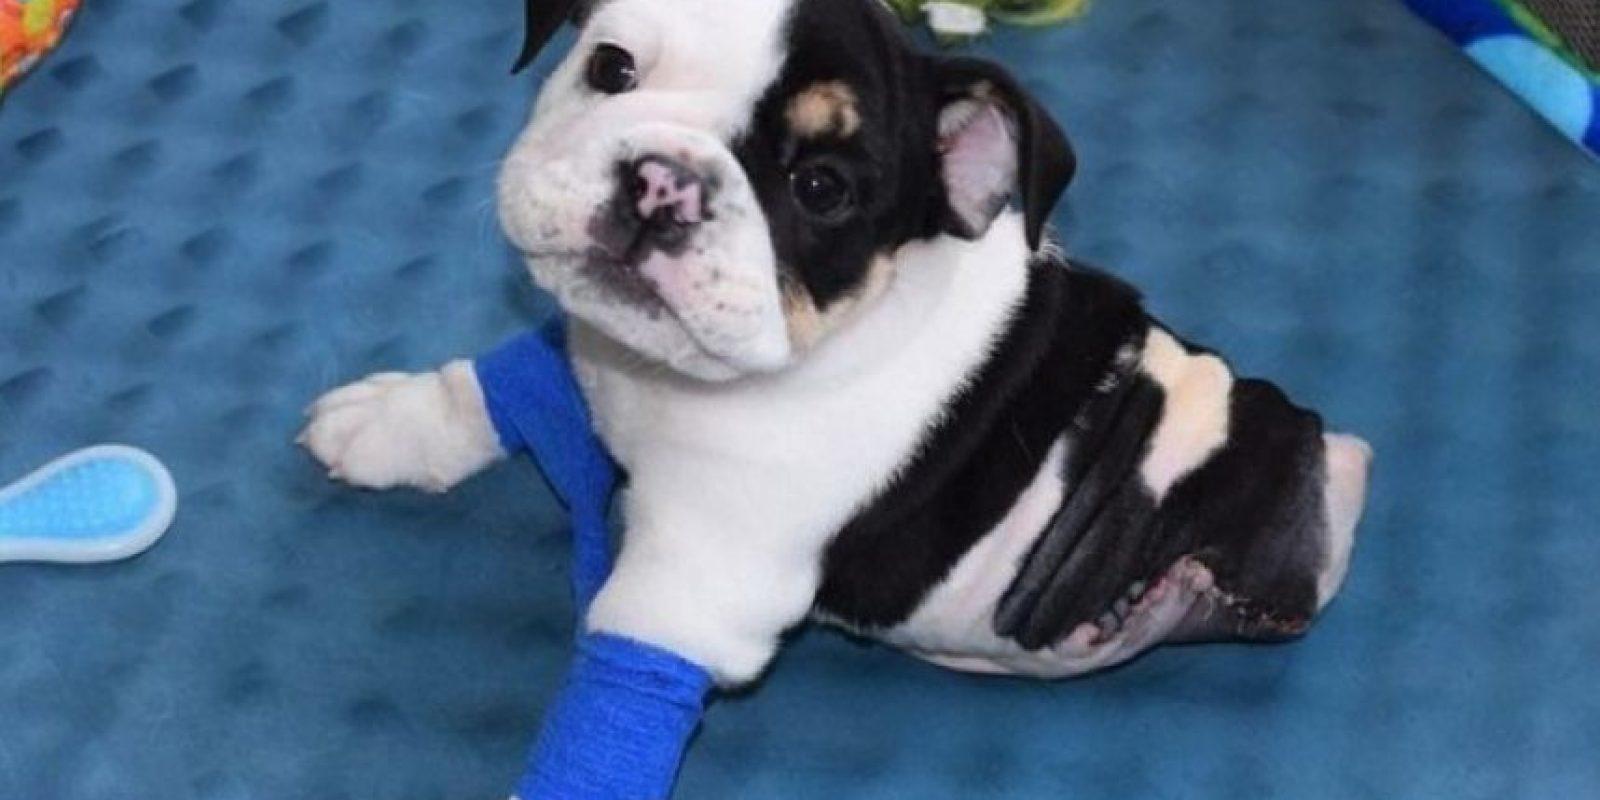 1. Este perrito que solo tiene la mitad de su cuerpo los conmoverá enteramente Foto:Facebook.com/HalfABulldogTwiceTheLove